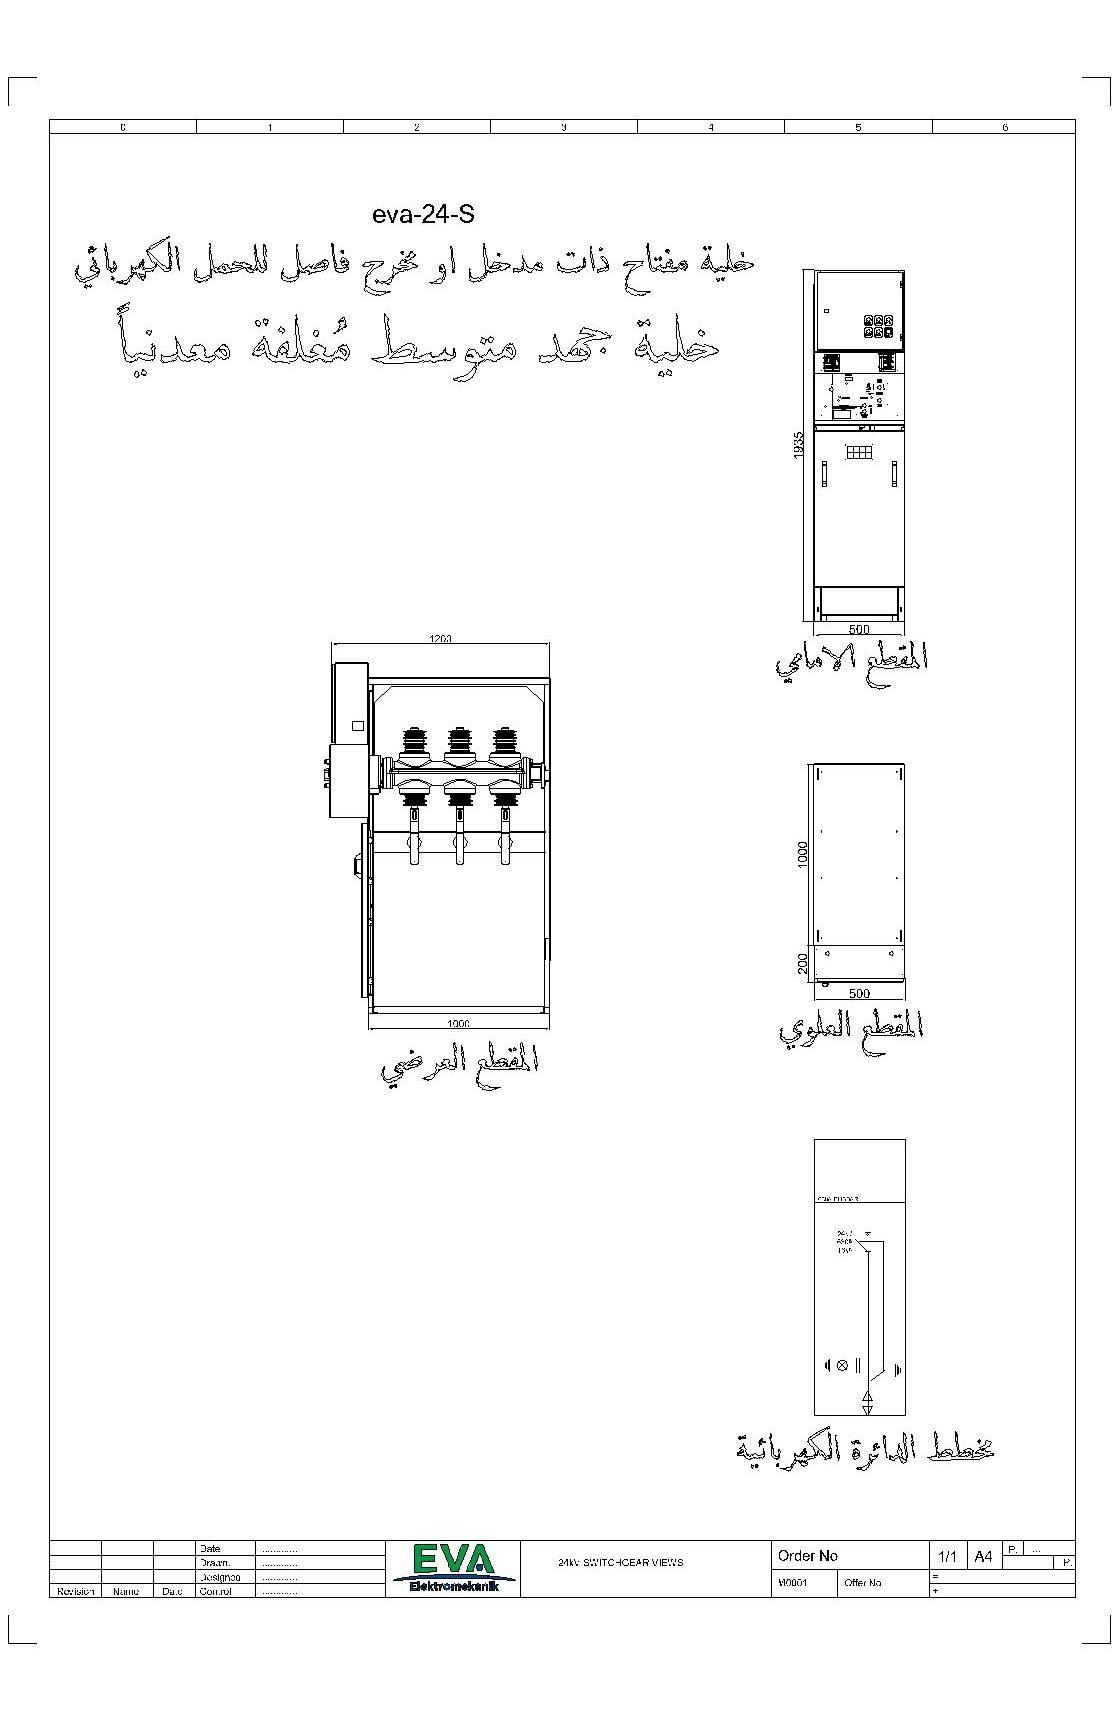 خلية مفتاح ذات مدخل او مخرج فاصل للحمل الكهربائي